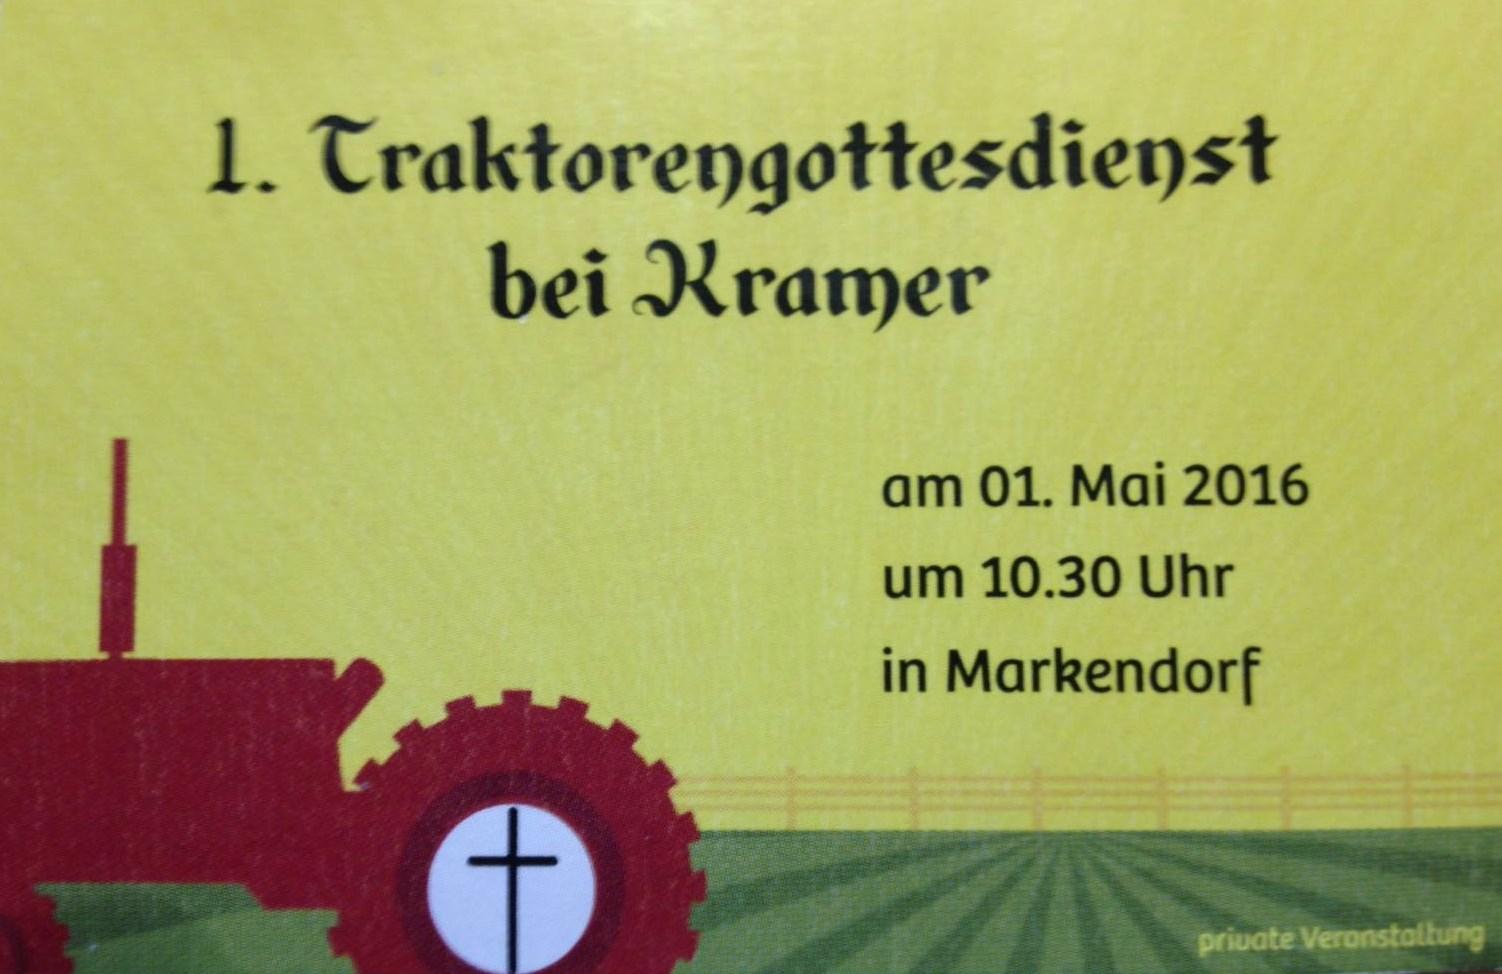 traktorgottesdienst in markendorf am 1 mai pfarrbezirk schwenningdorf rotenhagen der. Black Bedroom Furniture Sets. Home Design Ideas